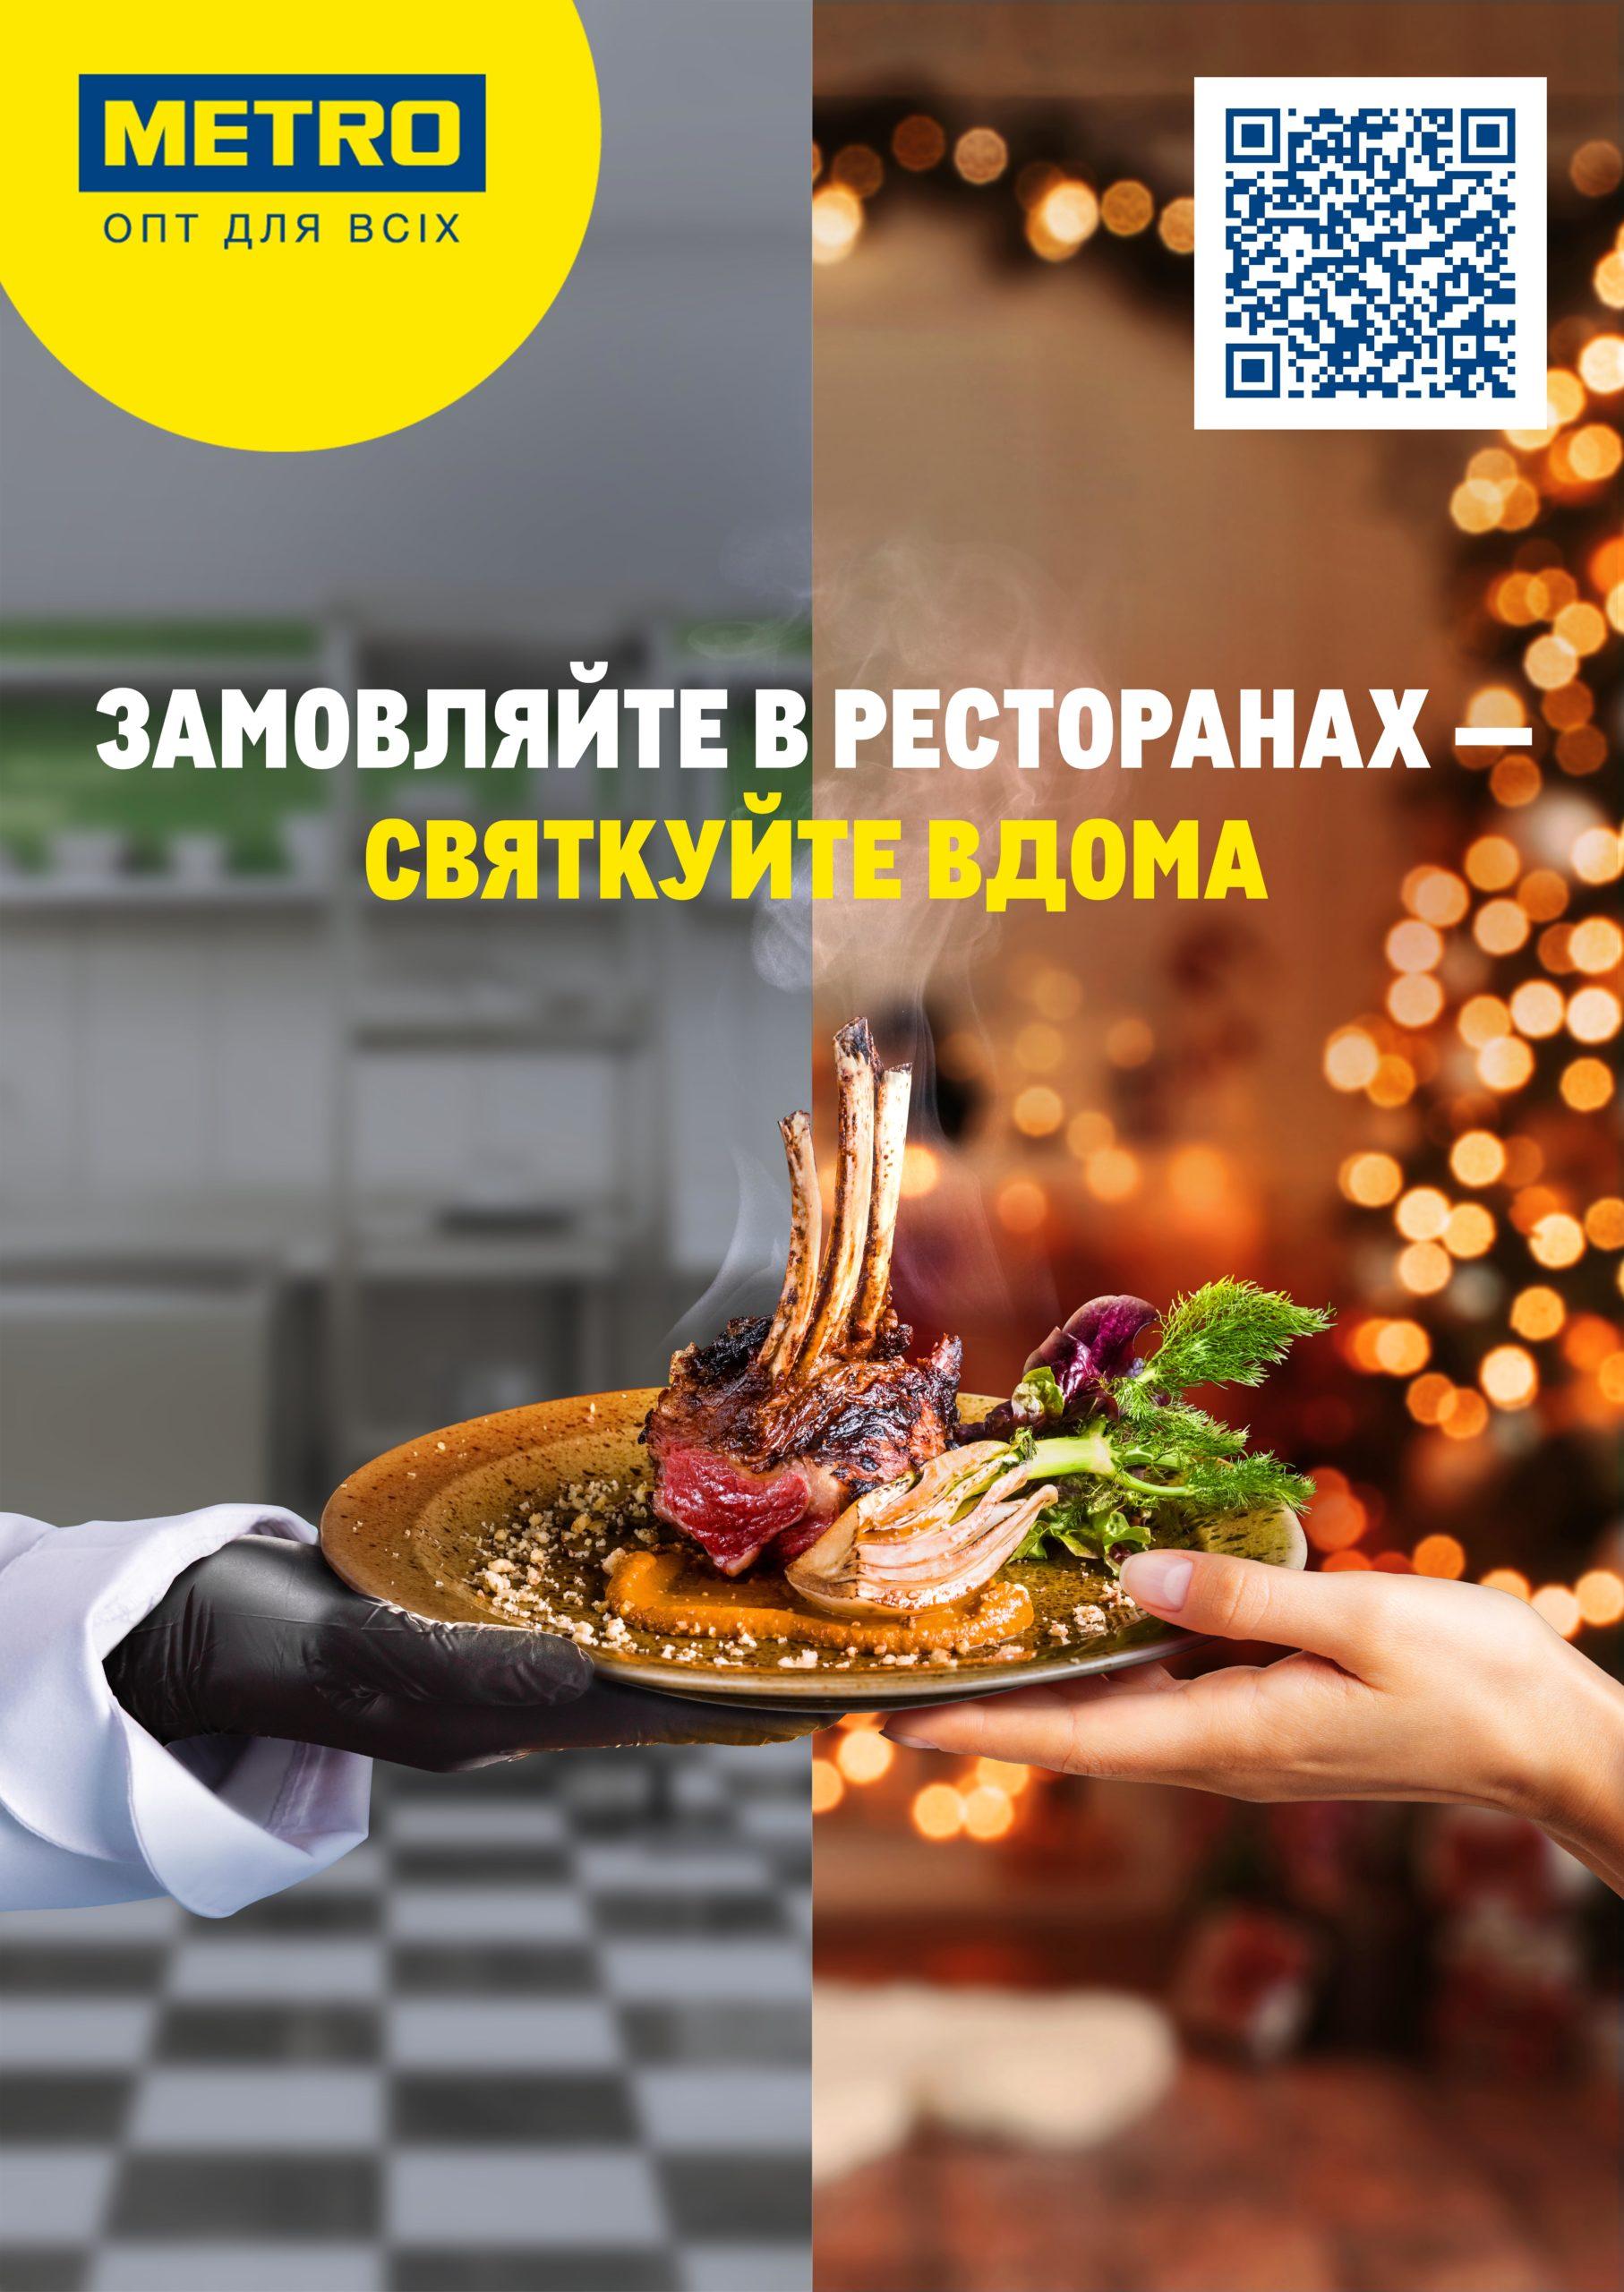 METRO закликає українців підтримати ресторани у новорічний період, замовивши у них святкові страви